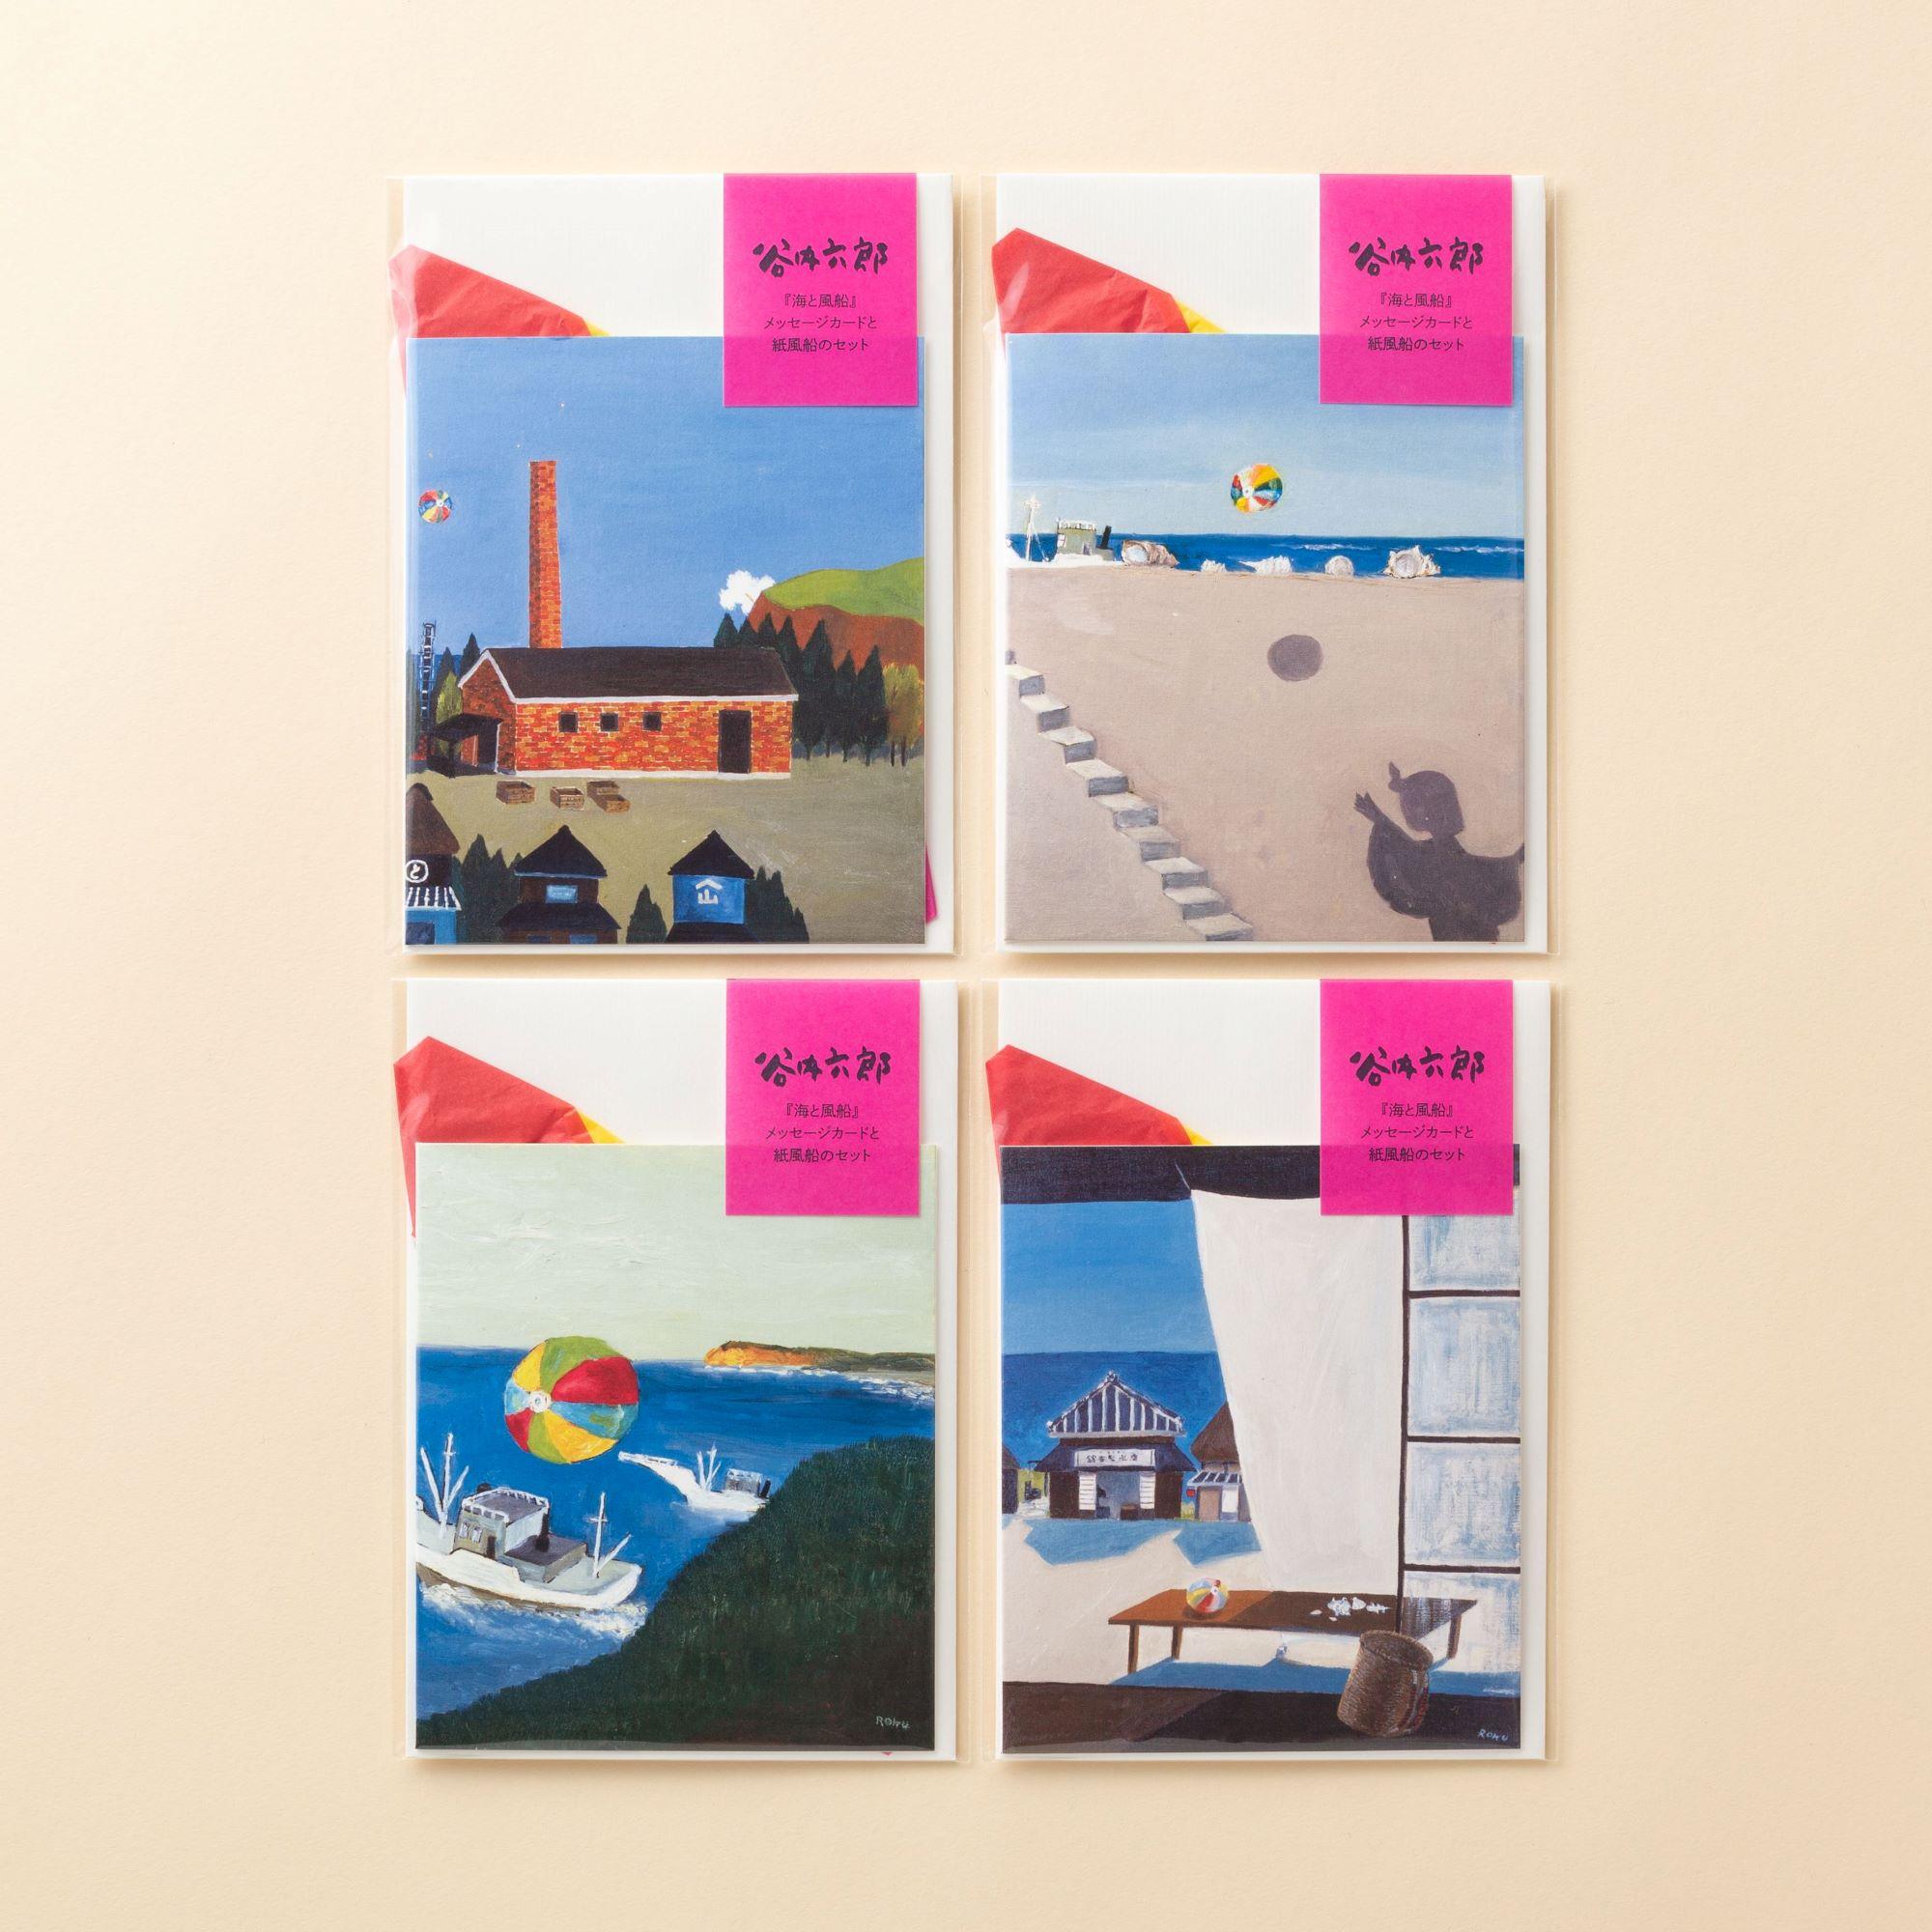 谷内六郎『海と風船』メッセージカードと紙風船のセット